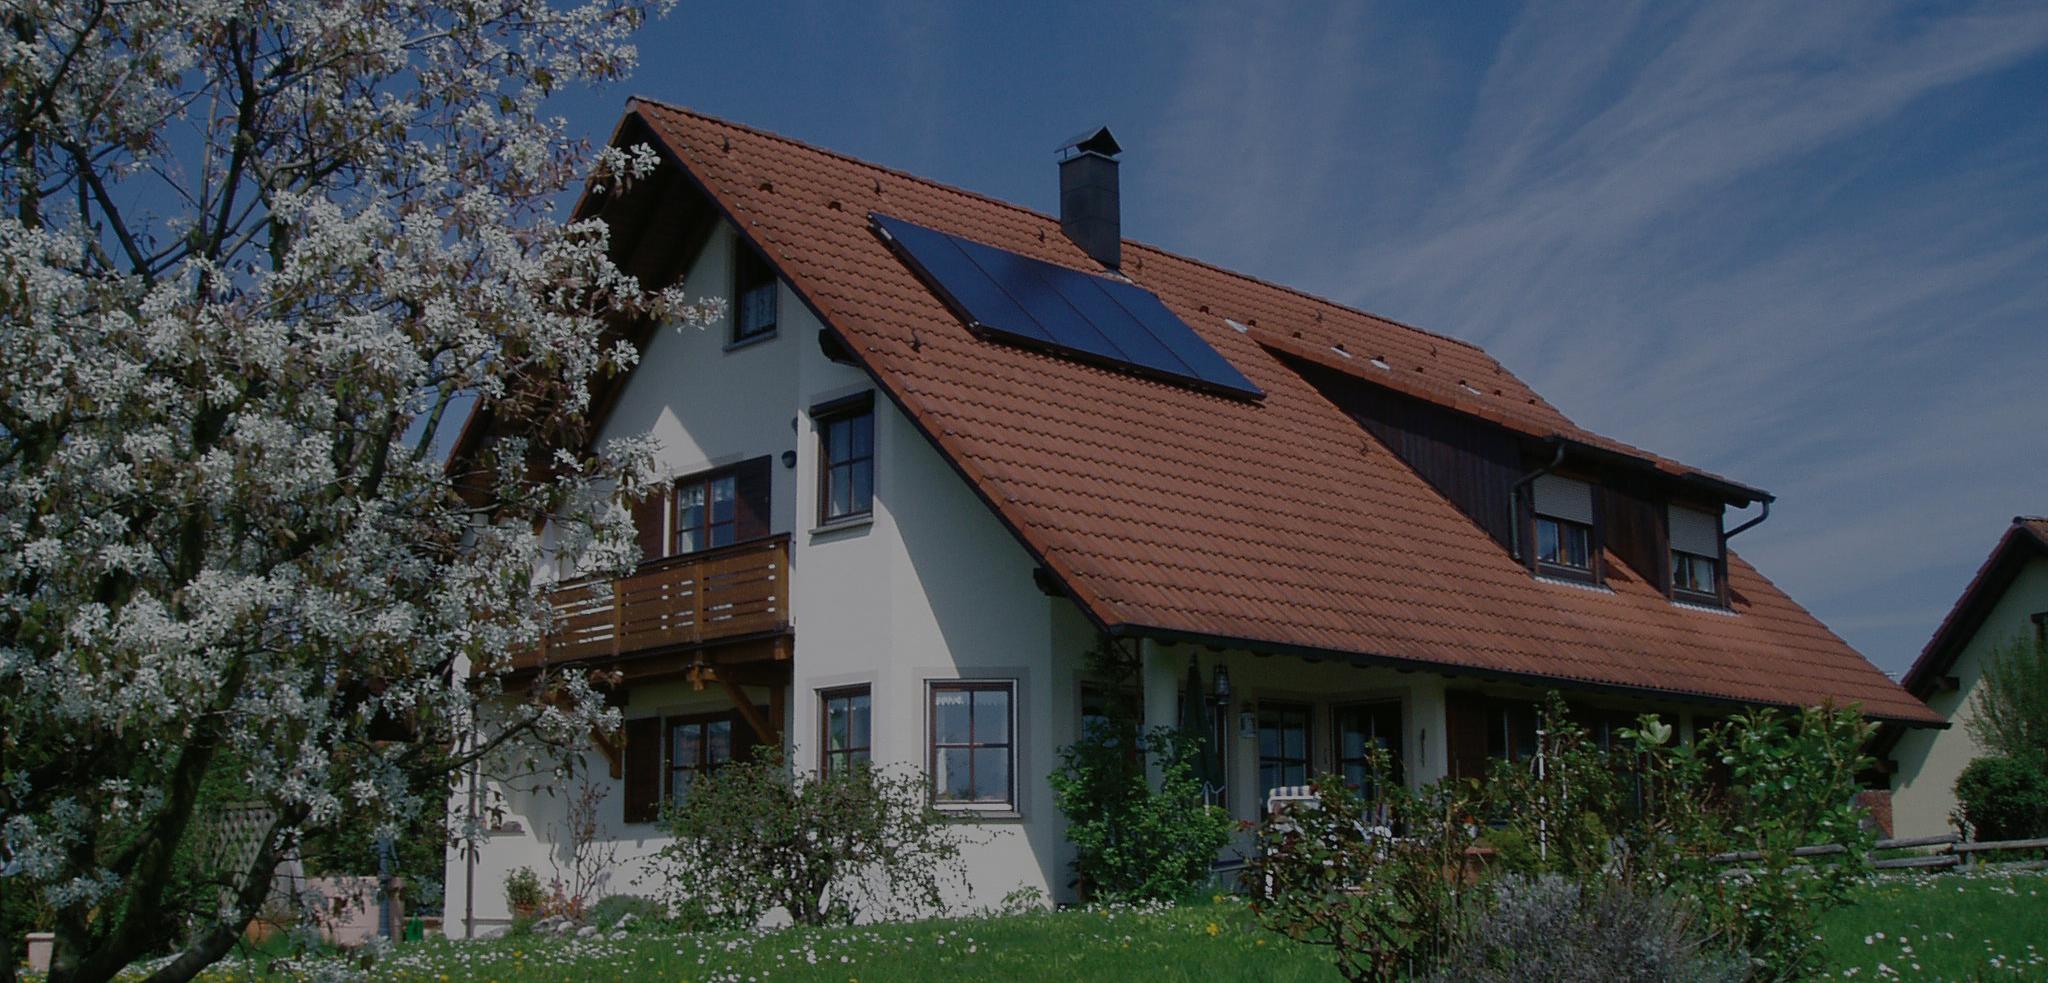 Haus-Hiemer_Kressbronn_dunkel1